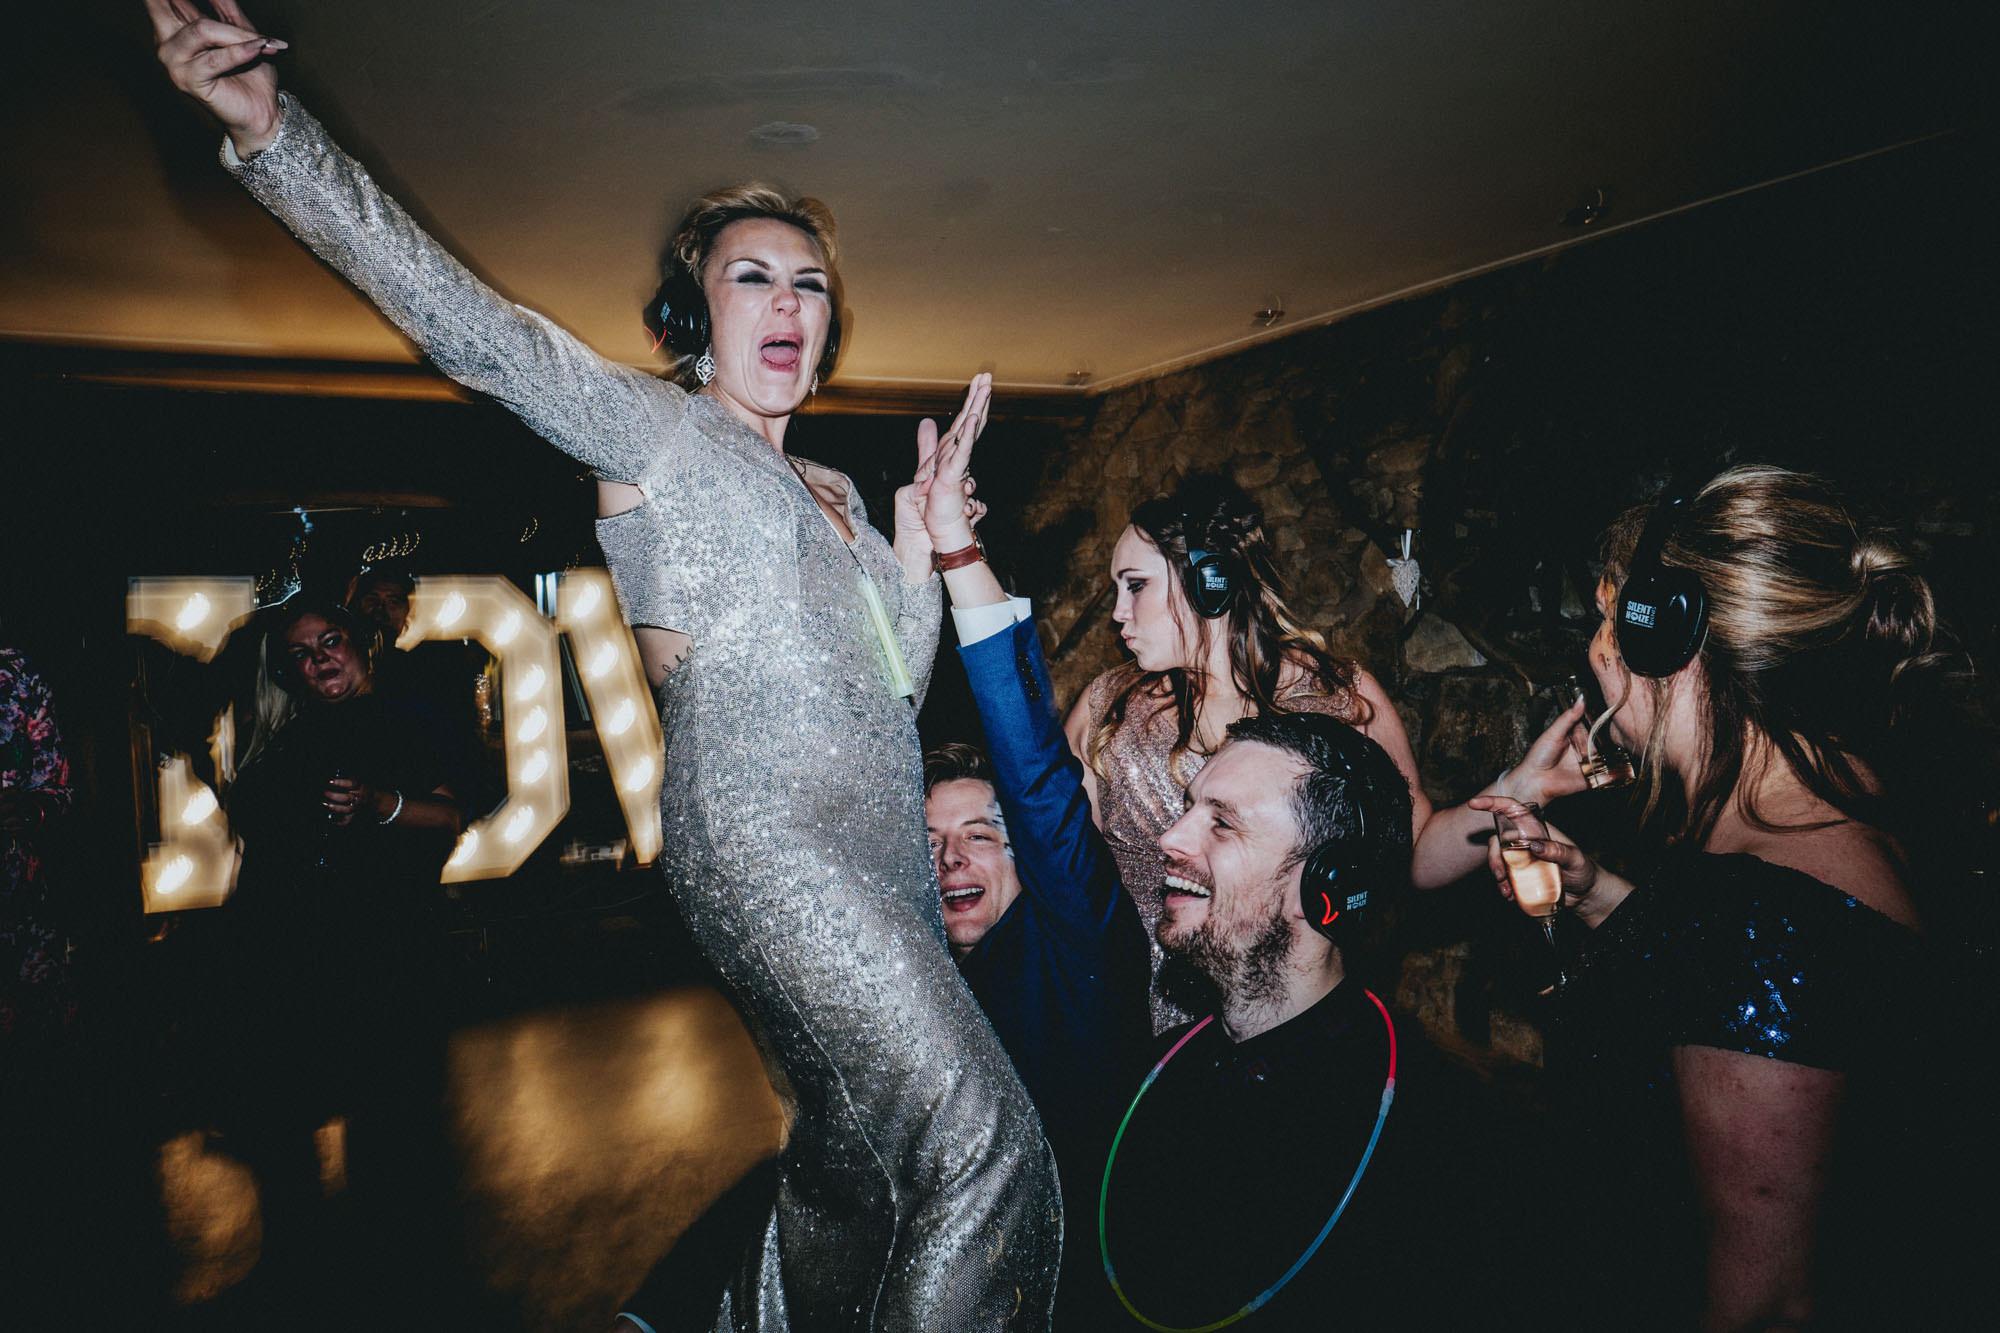 Ayesha Photography - Manchester Documentary Wedding Photography